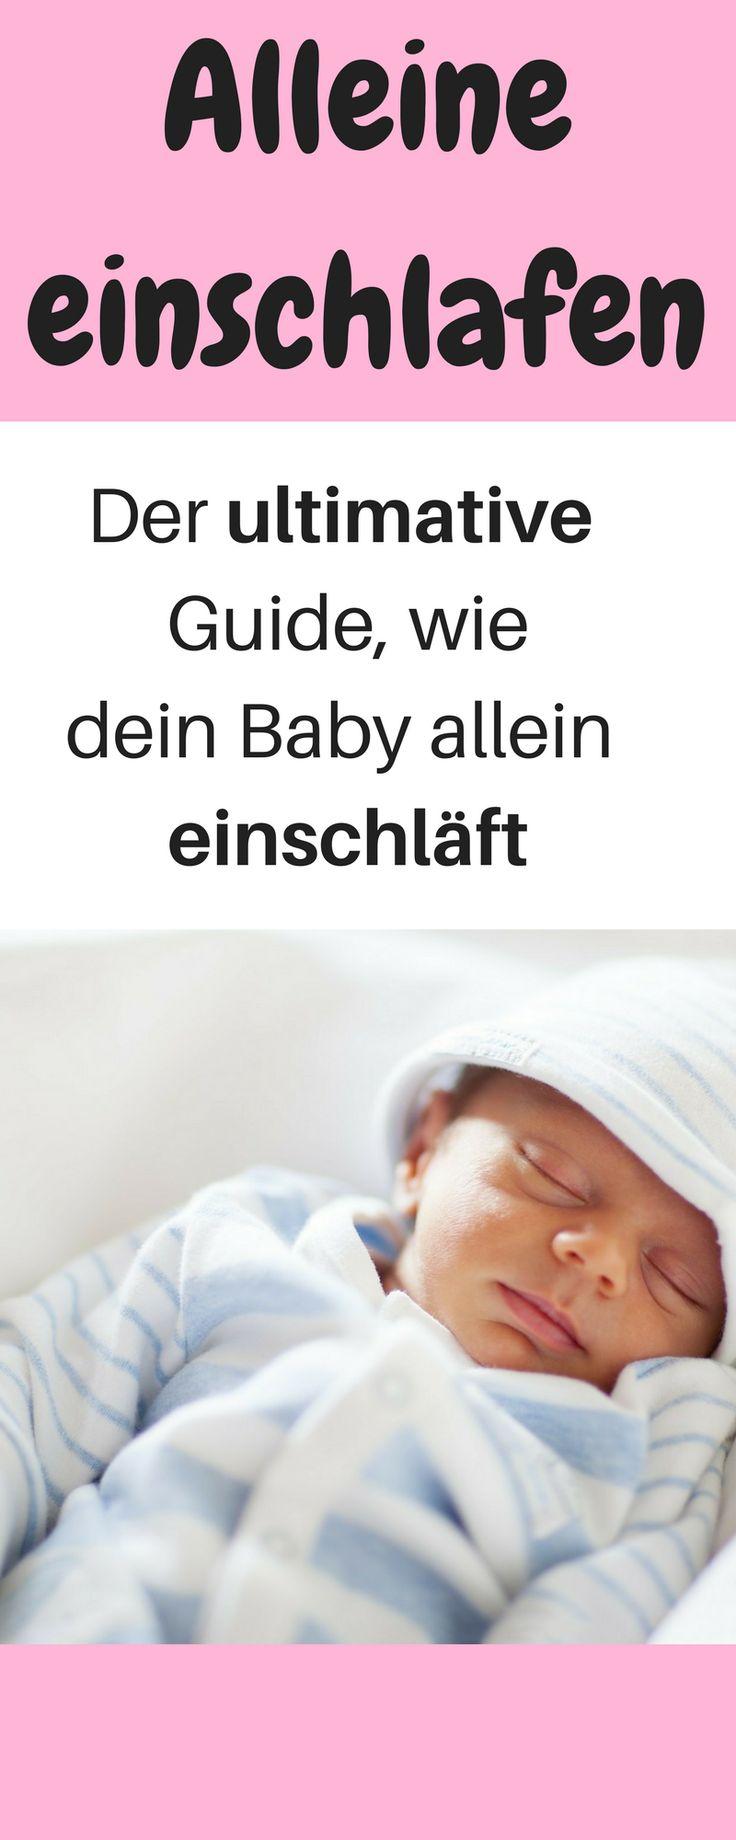 8 verschiedene Methoden, damit dein Baby endlich besser schläft. Baby schlafen lernen, Baby schlafen anziehen, baby schlafen Kleidung, baby schlafen lustig, baby einschlafen taschentuch, baby einschlafen ohne stillen, schlaf baby anziehen,schlaf baby zimmer, baby einschlafen taschentuch, baby einschlafen ohne stillen #babyeinschlafen #baby #schlaftraining